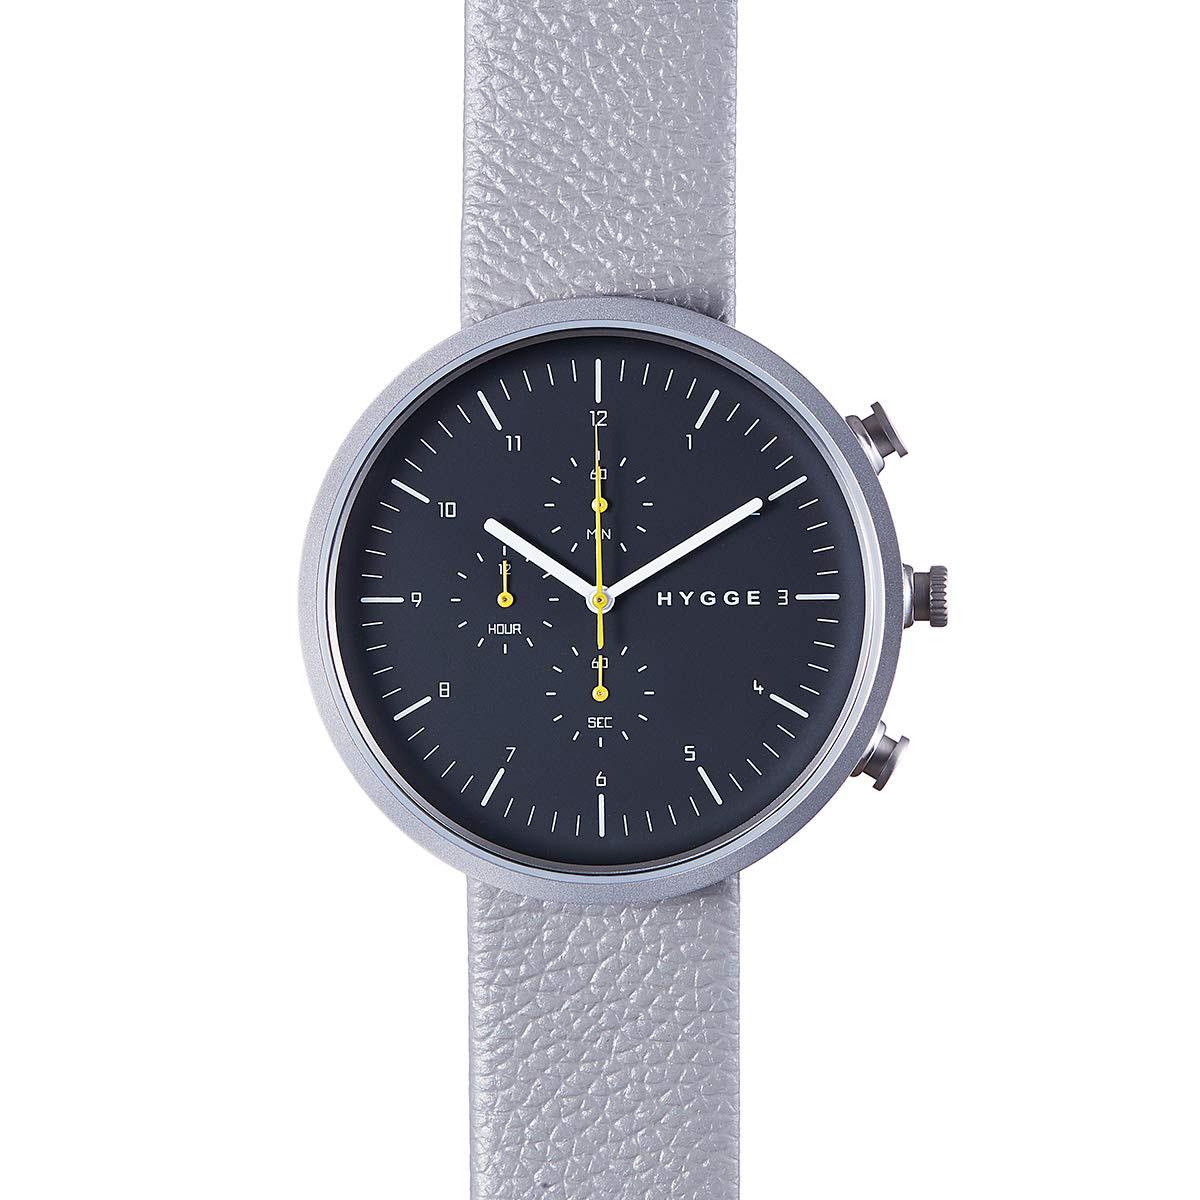 【10%OFFクーポン対象】ヒュッゲ HGE020079 Horizon ブラック/ダークグレー/シルバー 腕時計 ユニセックス おしゃれ かわいい HYGGE ホライゾン 灰色 銀 黒 クロノグラフ 時計 服飾雑貨